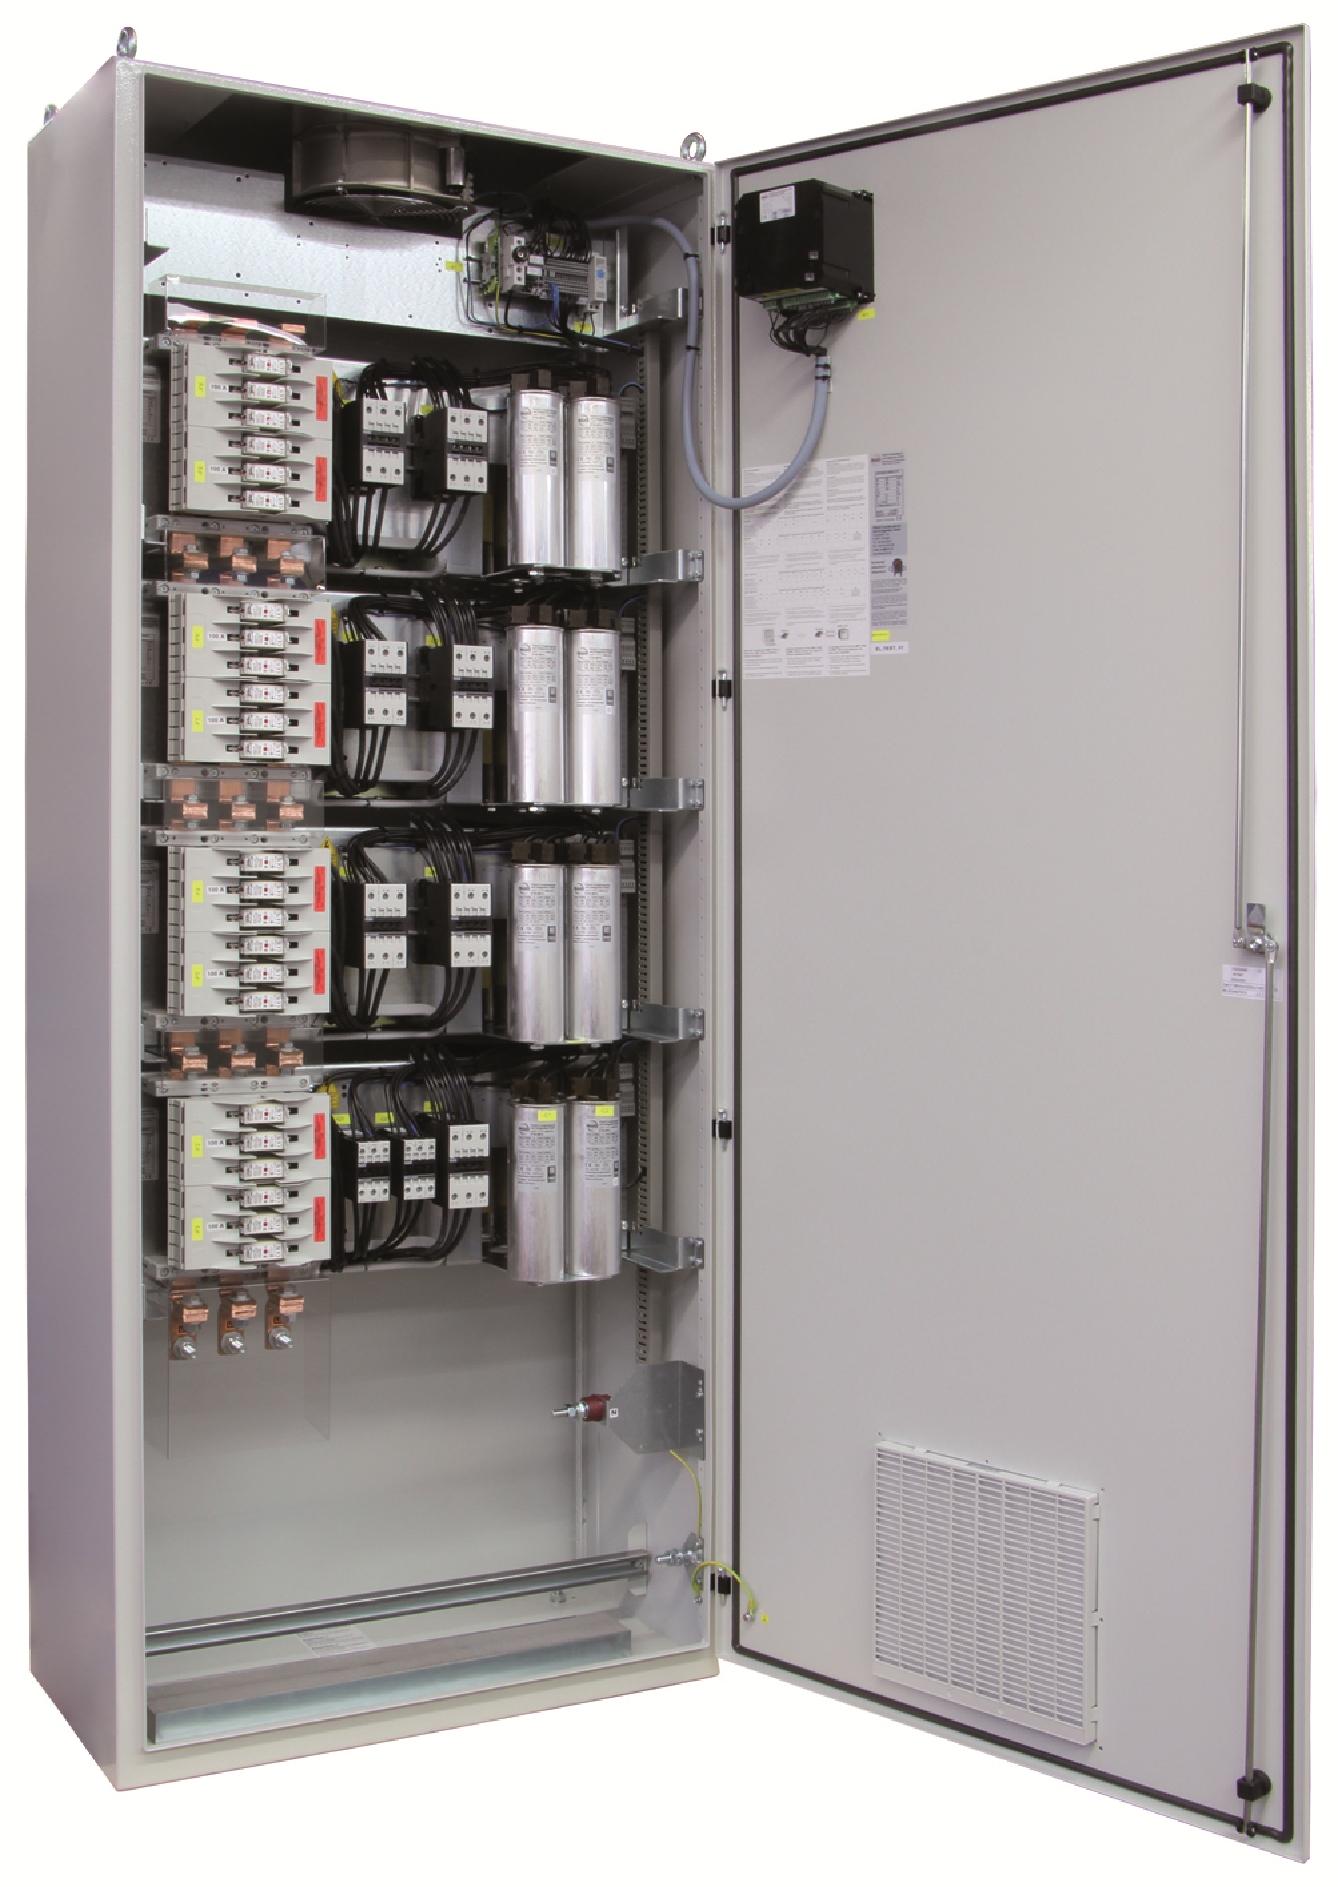 1 Stk Kompensation LSFC 7% 325/25kvar 800x2000x400mm FR3422681-